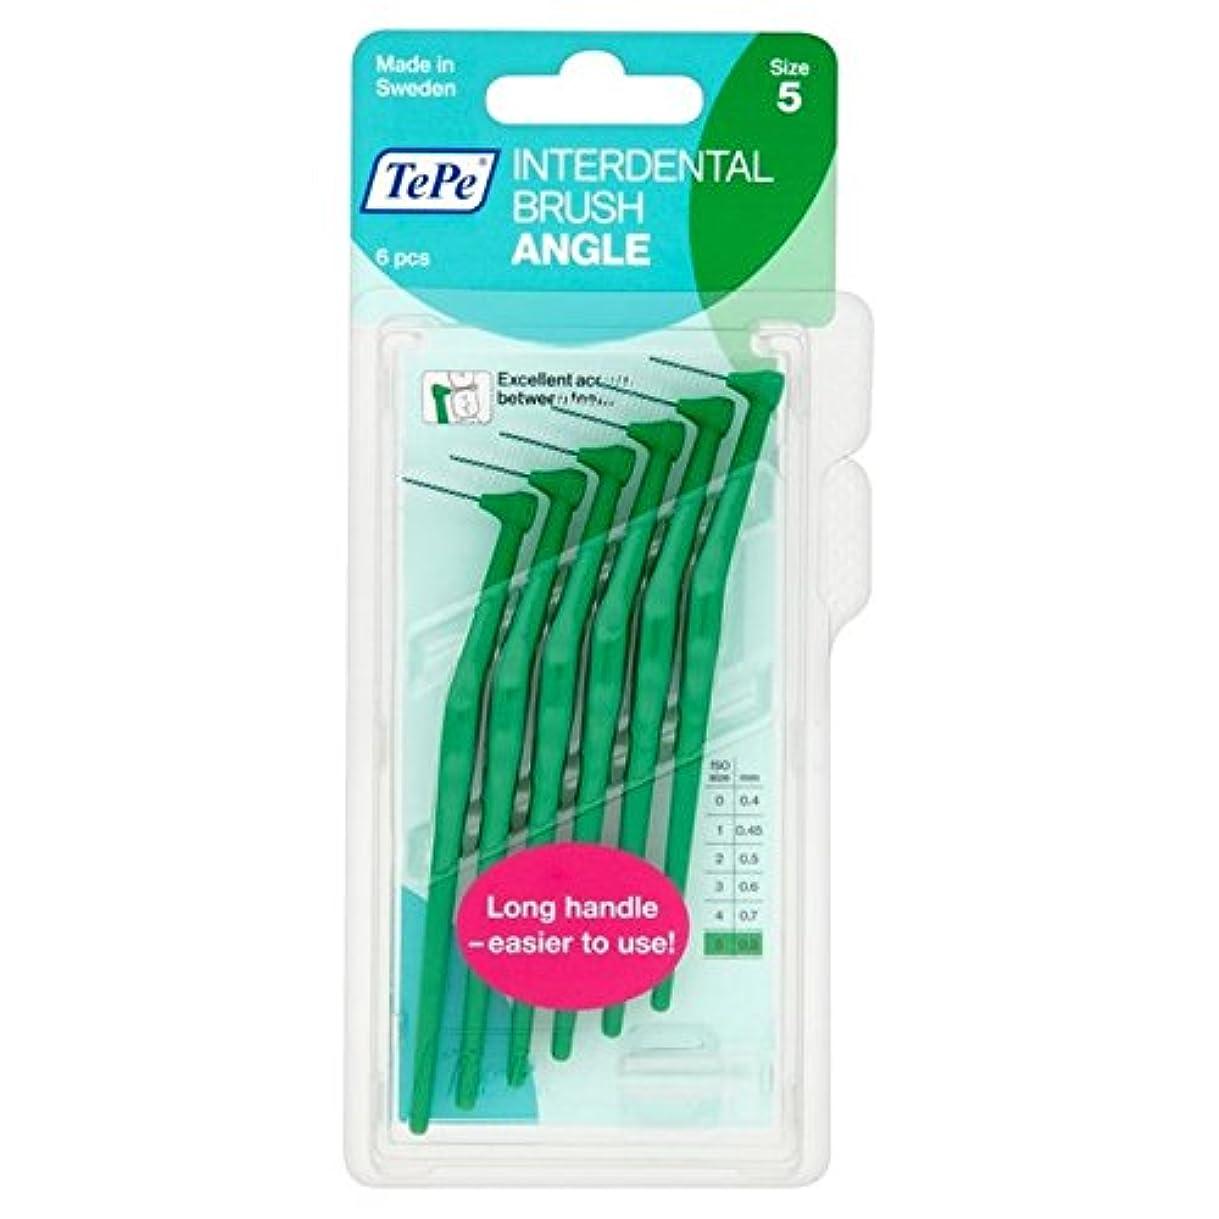 アンカー自然公園降臨TePe Angle Green 0.8mm 6 per pack - パックあたり6 0.8ミリメートル緑テペ角度 [並行輸入品]